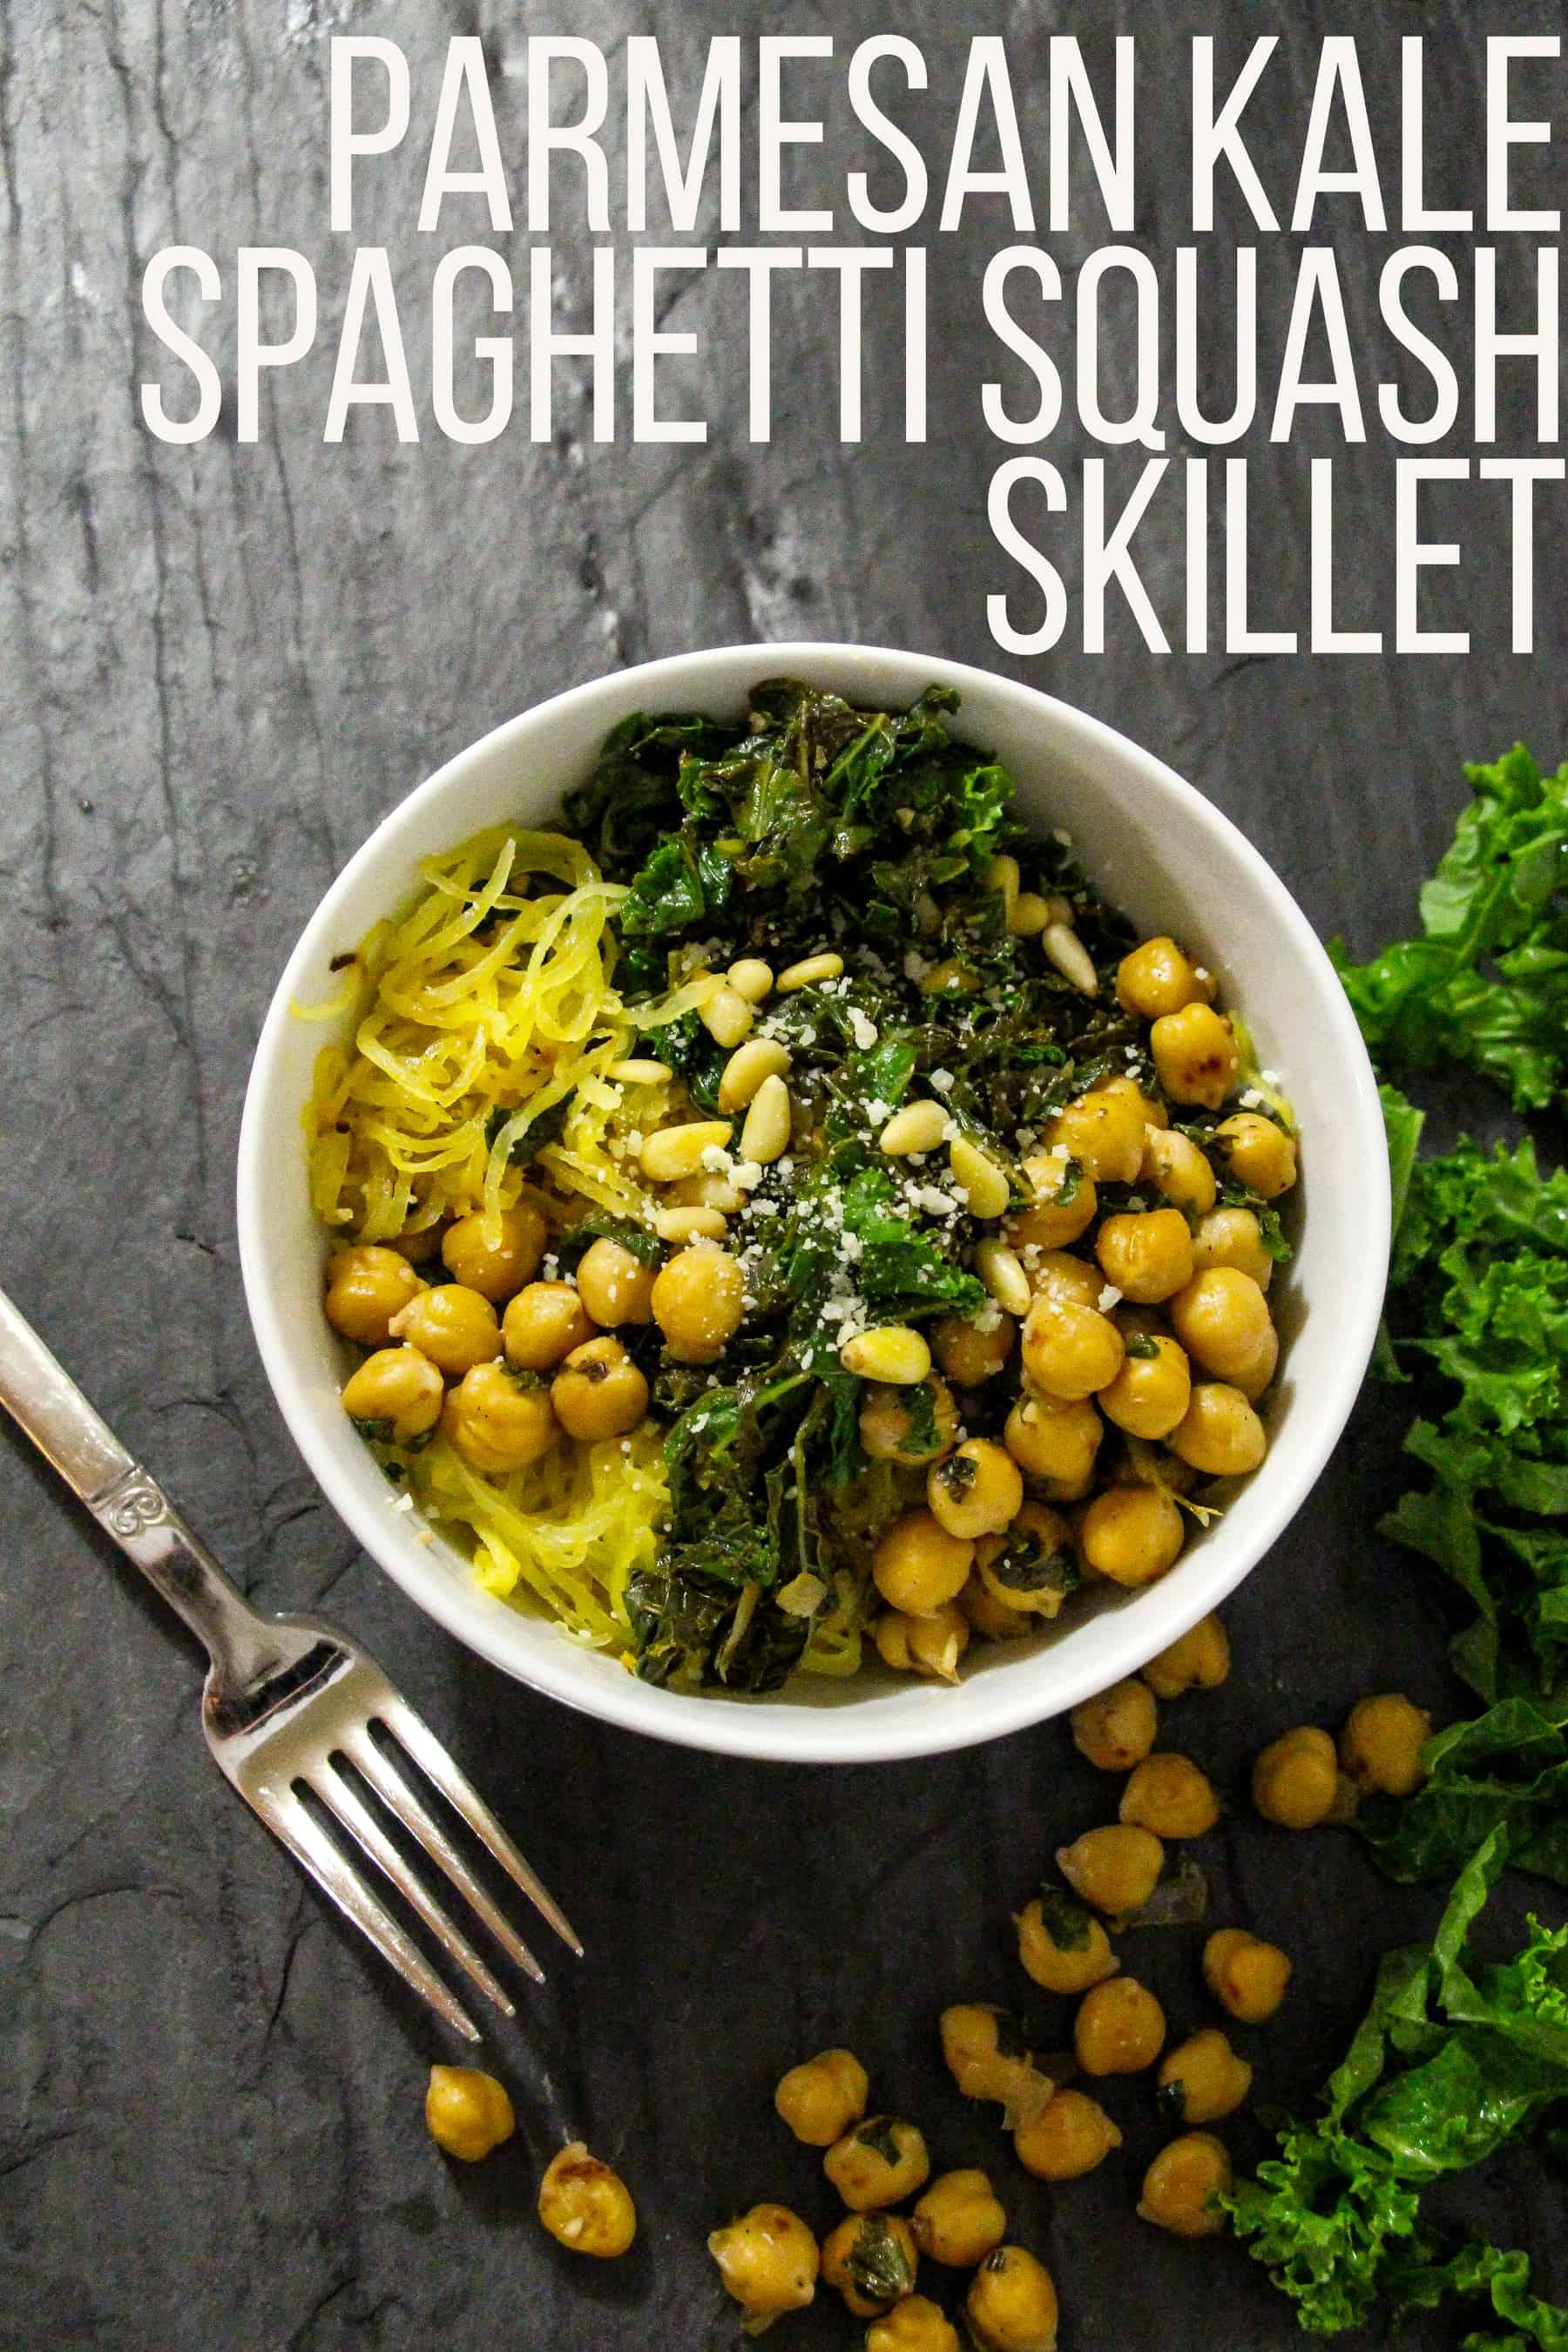 spaghetti-squash-parmesan-kale-3 copy